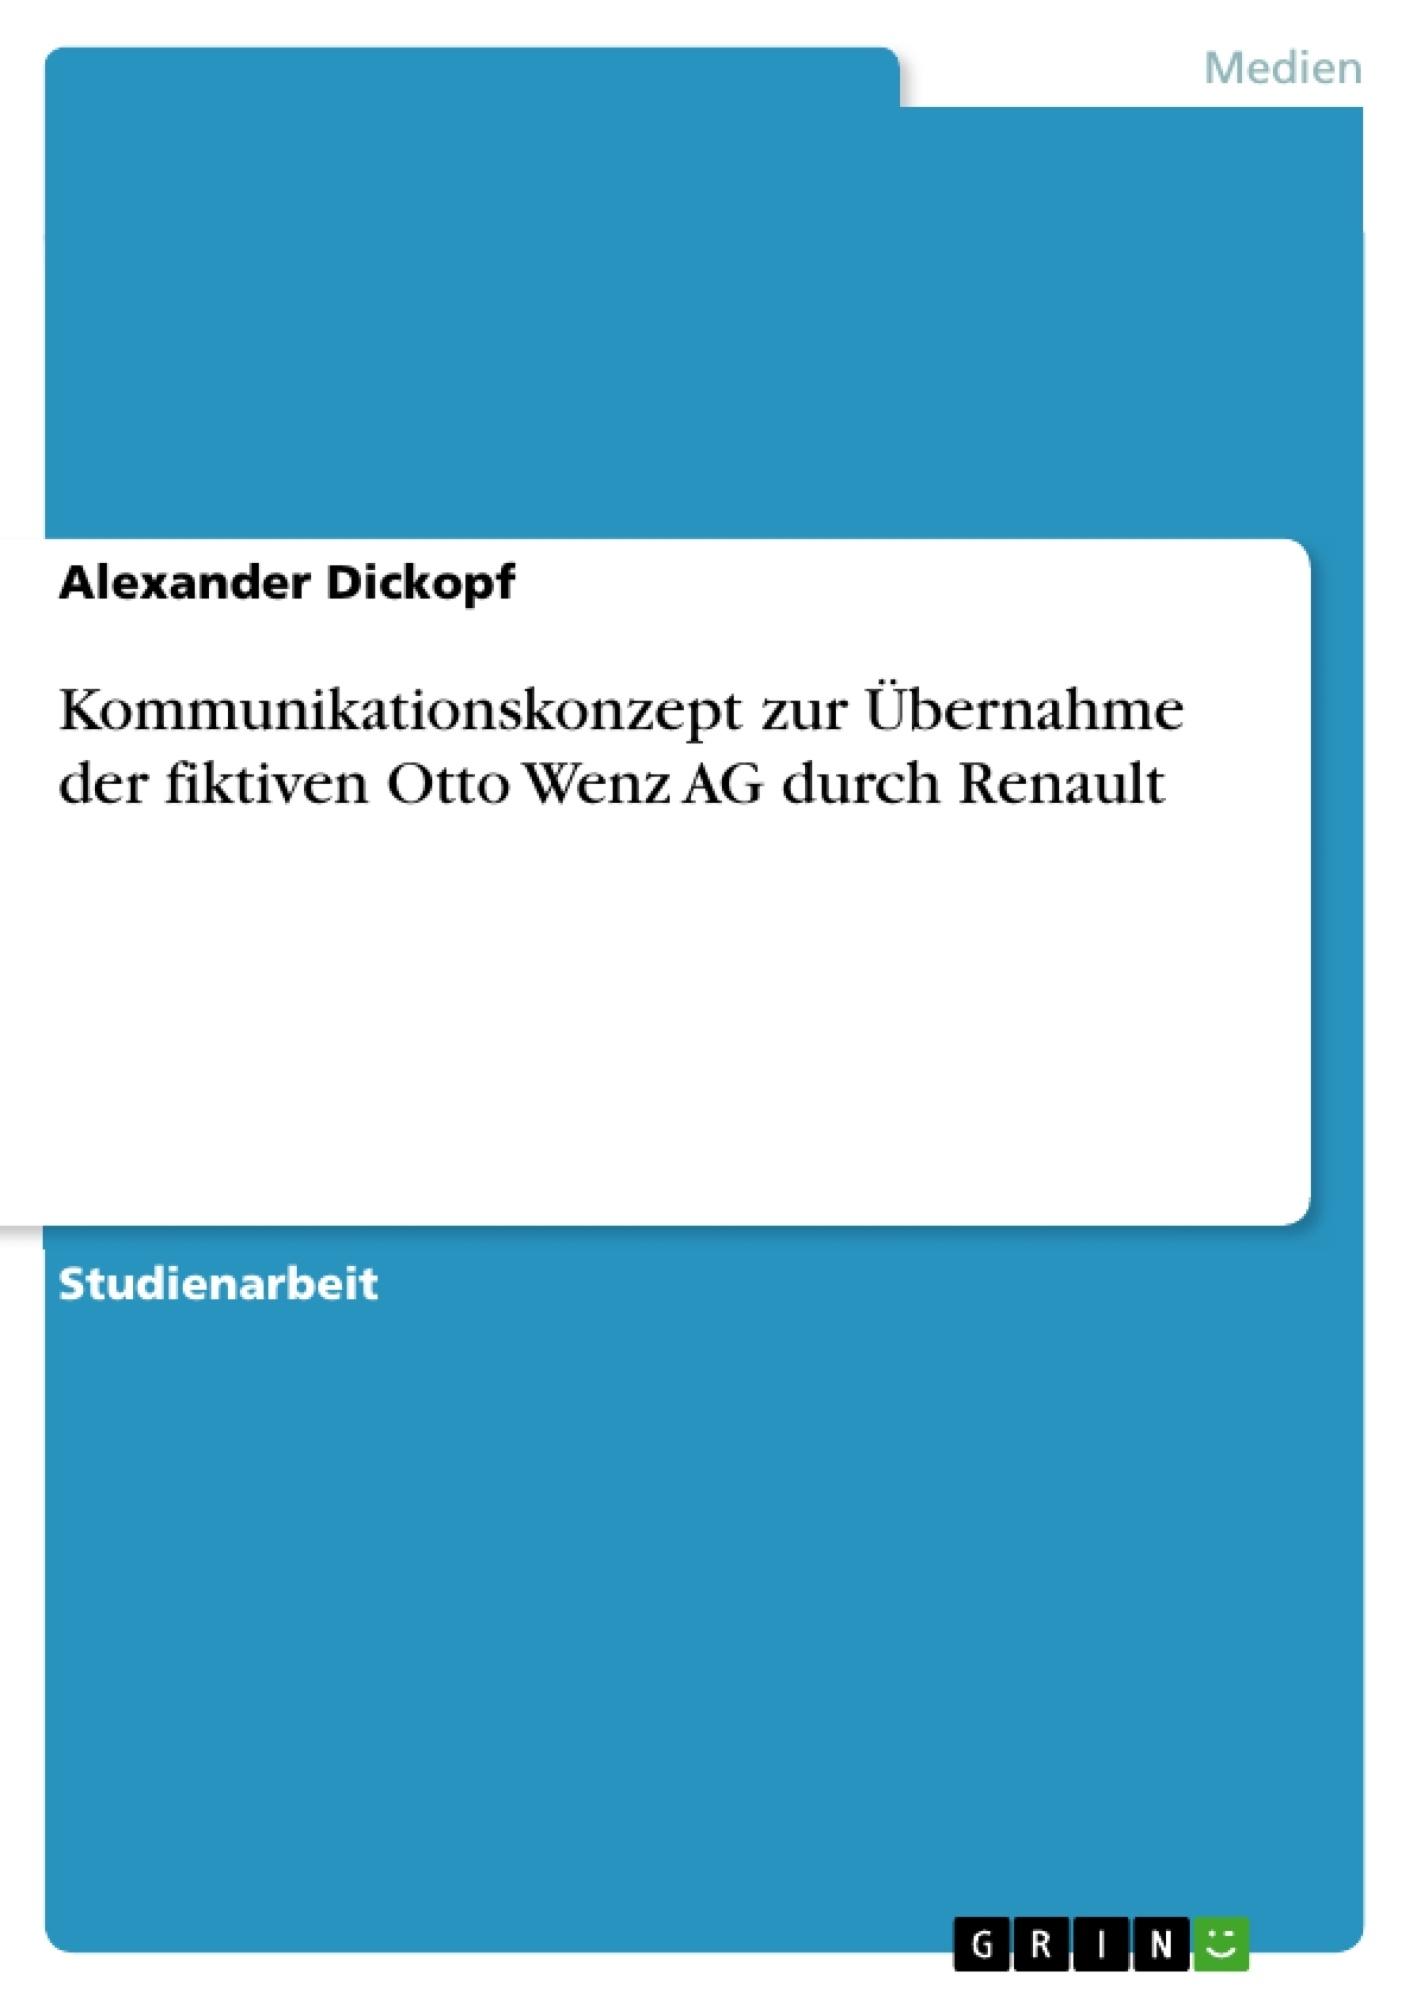 Titel: Kommunikationskonzept zur Übernahme der fiktiven Otto Wenz AG durch Renault